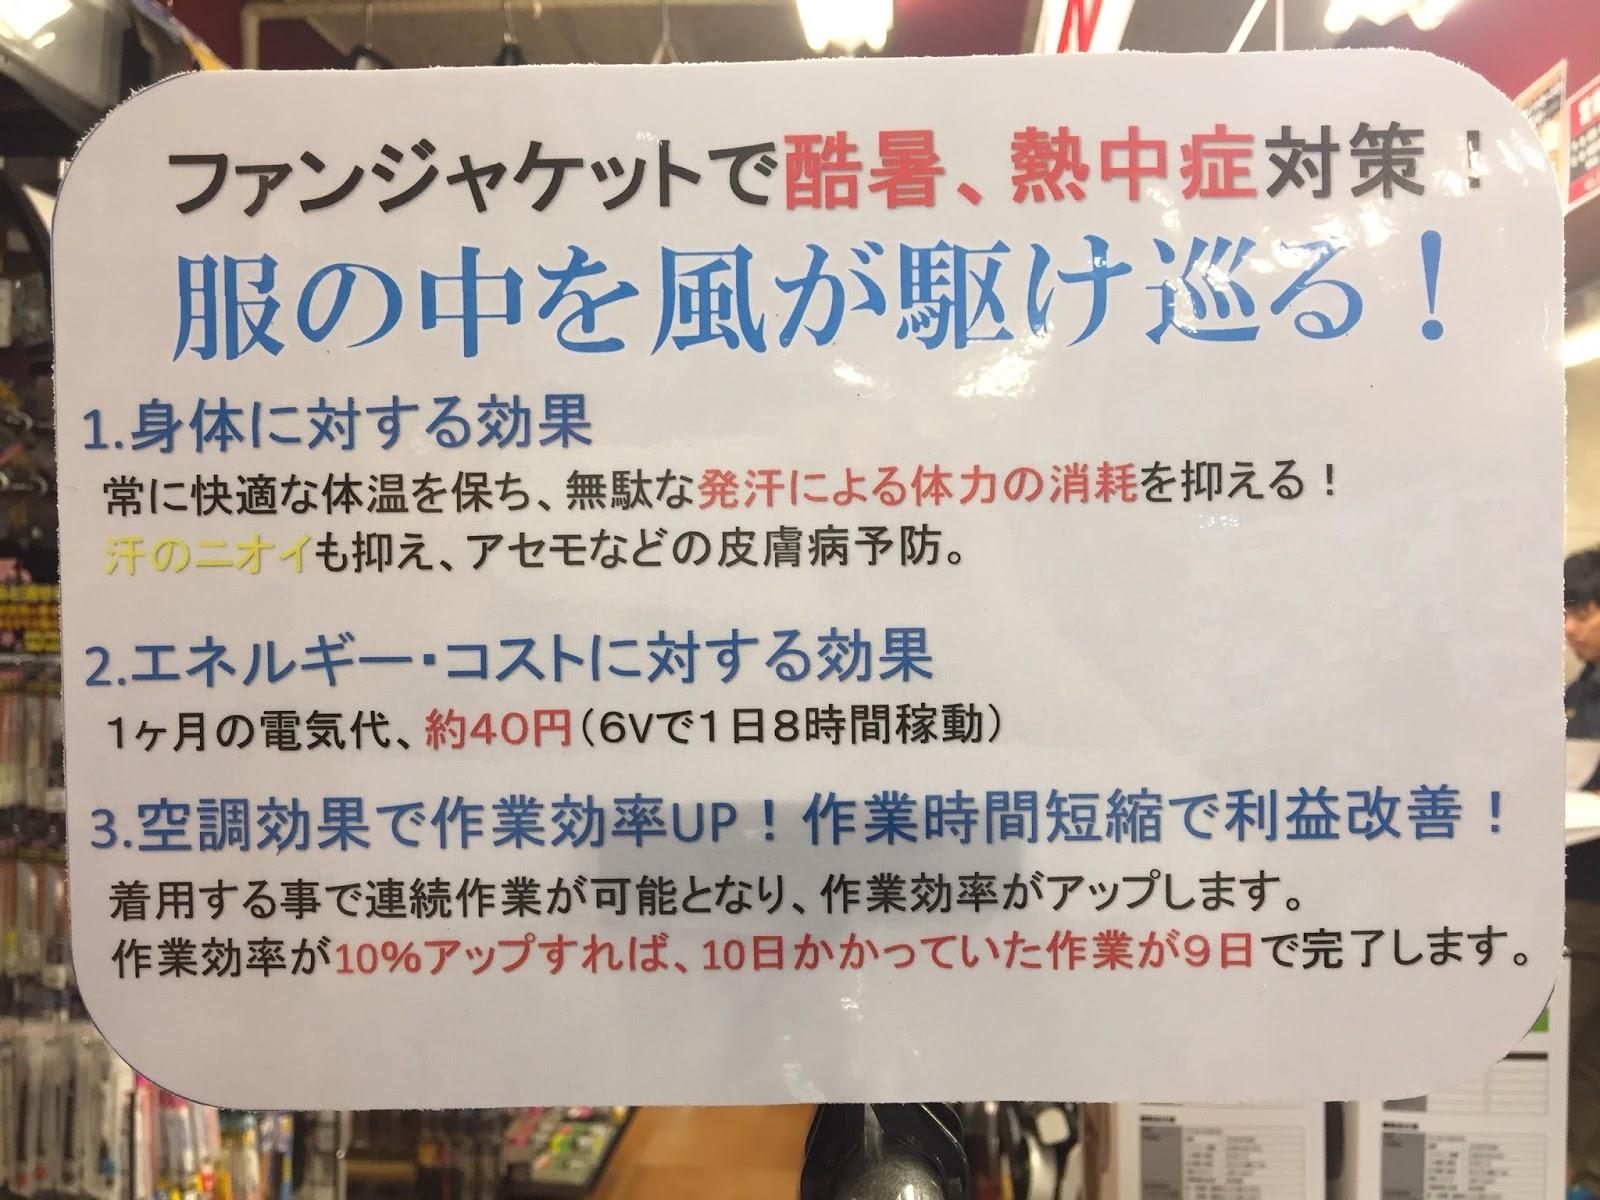 【20店舗】東京のメンズ服セレクトショップ・買い …